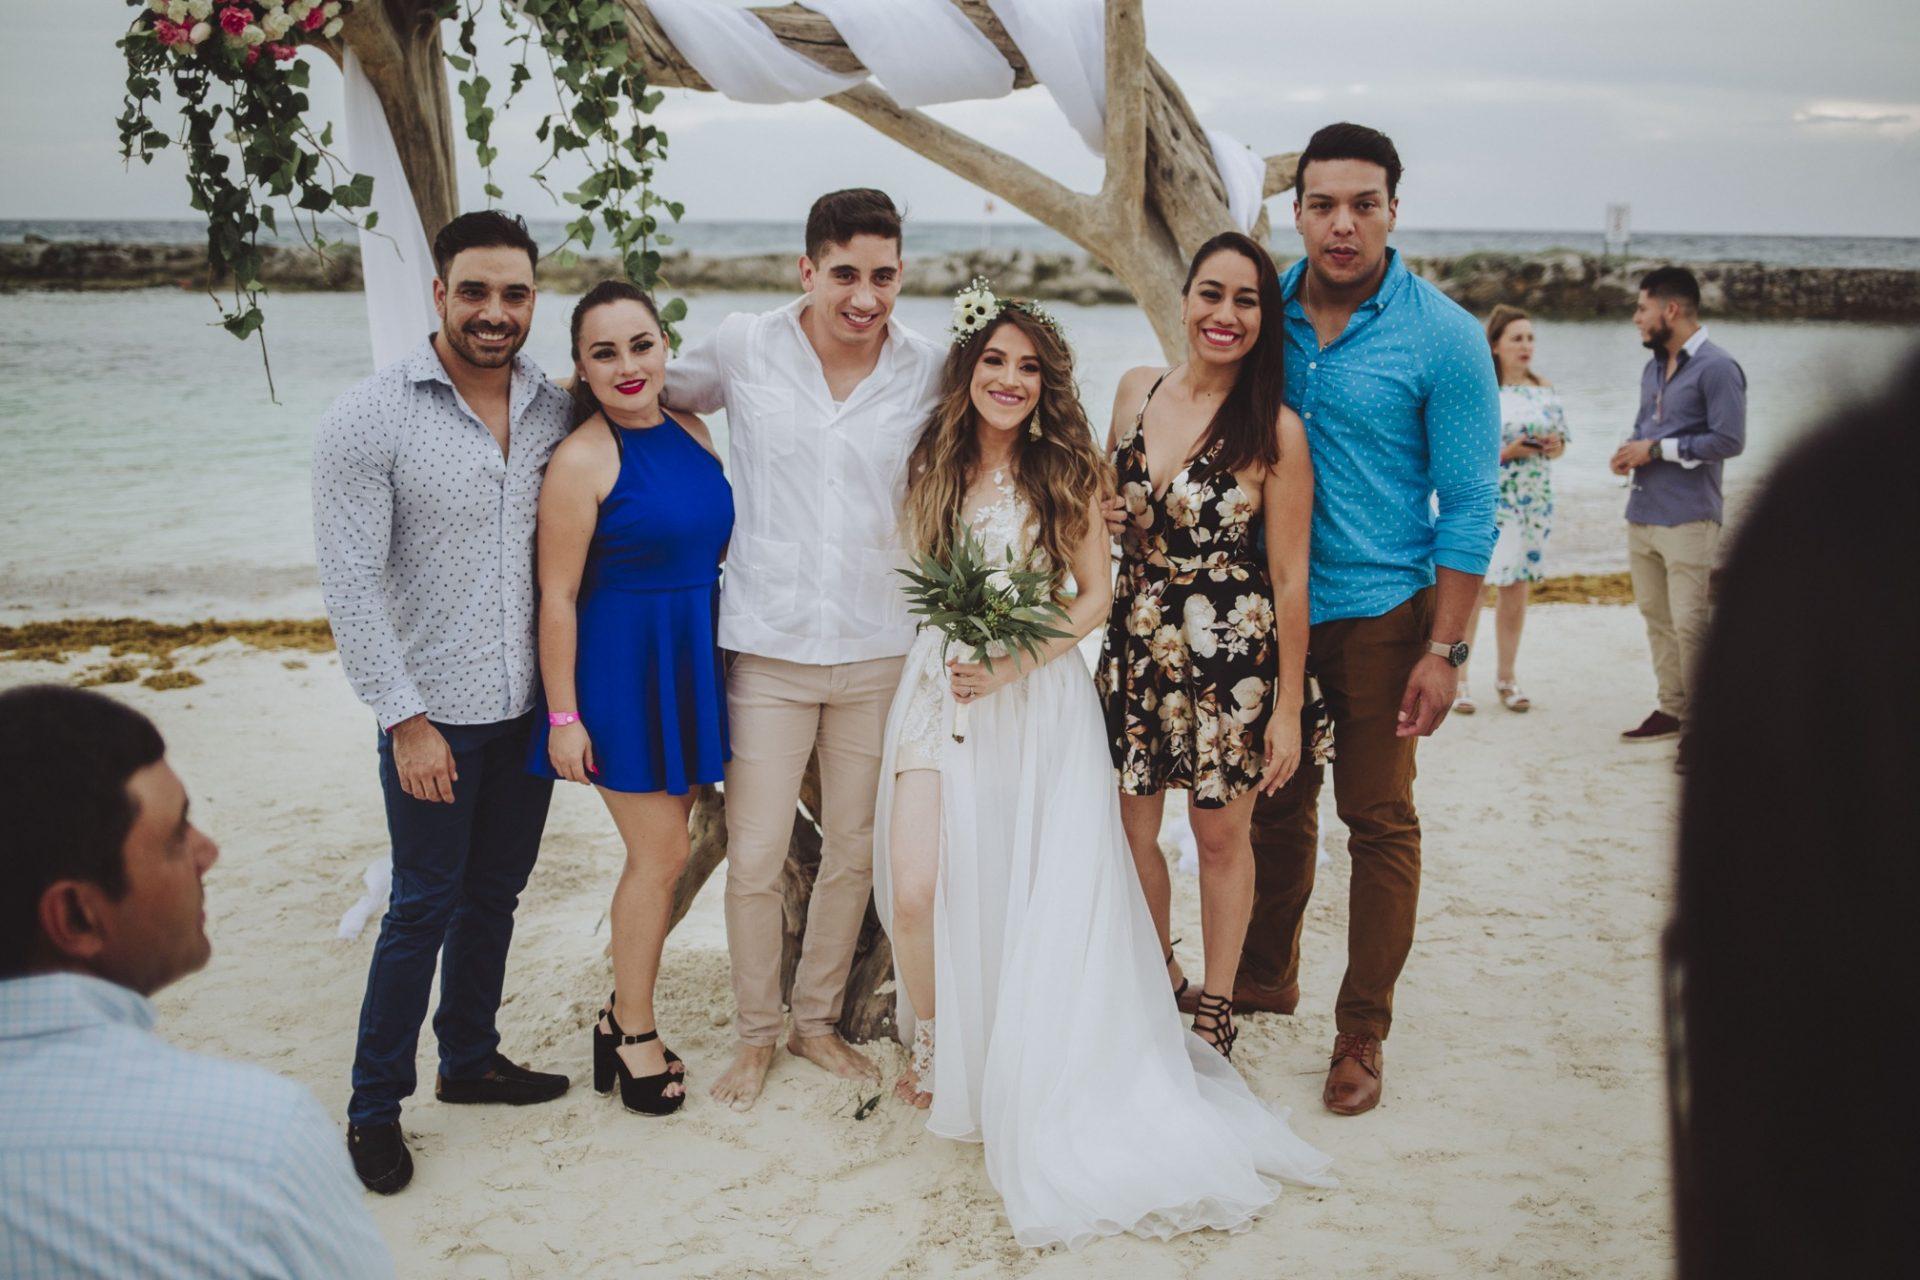 fotografo_bodas_profesional_zacatecas_riviera_maya_cancun-116